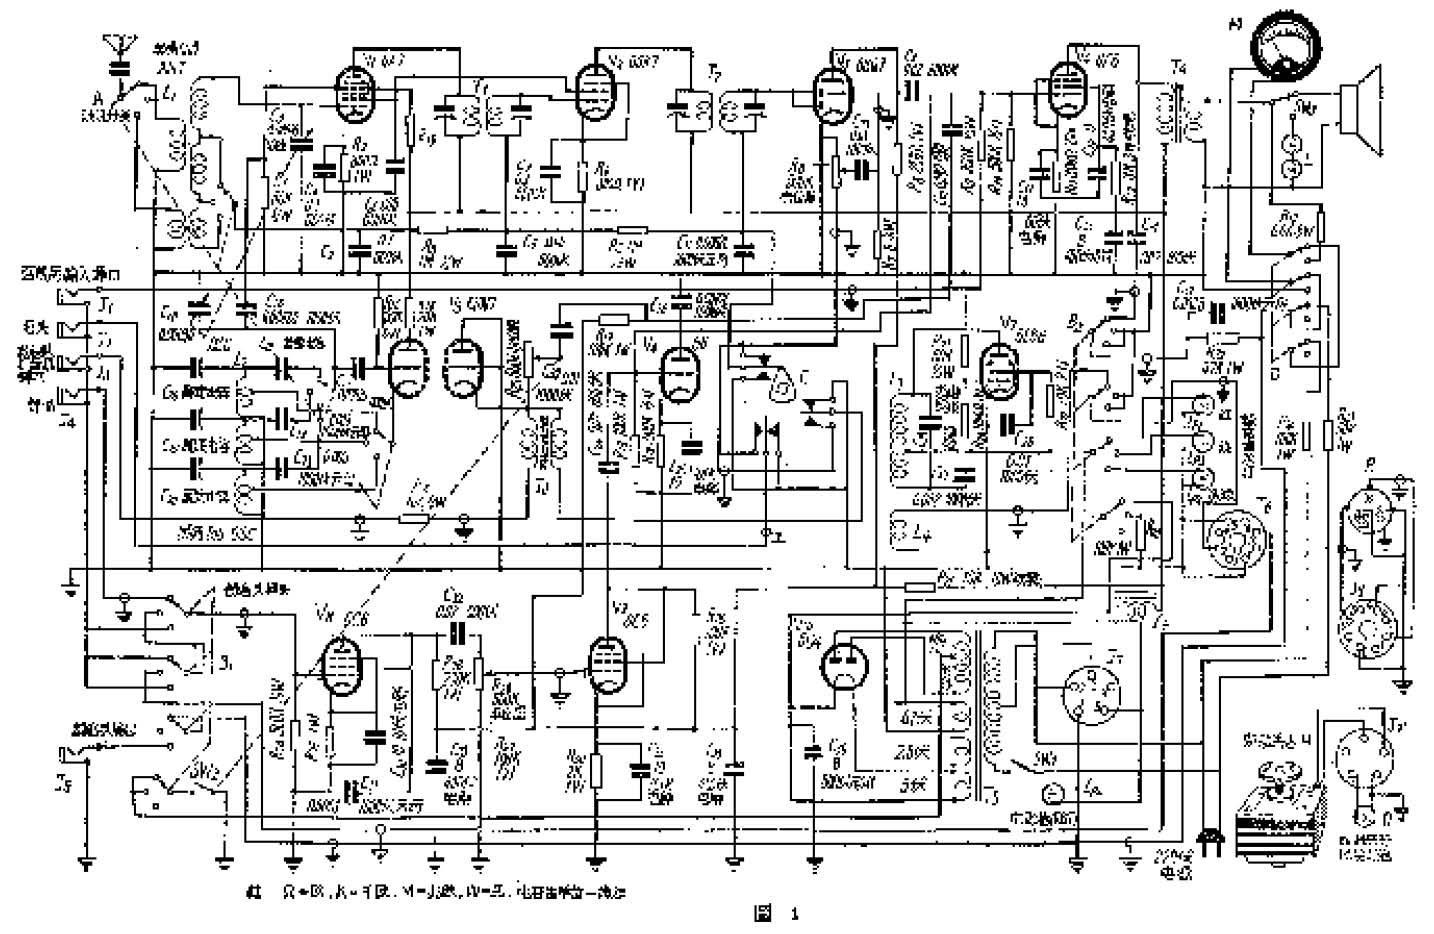 有时候,在进行广播、放唱片或电影录音时需要进行解说,因此另外用两只6C6管组成一个语言放大器接在56管的栅极上,同时它也是录音机放音时的前置放大级。录放开关B有三个位置,即录音、放音和录音头输出。图中B是表示在录音时的位置,这时红色指示灯亮,第二位置是放音,绿灯亮,在第三位置时录音头接通输出插口J5,全机高压又被开关B切断,淡绿灯亮。在倒线时,开关B必须放在放音位置,否则倒线时会把已录好的声音抹去。末级强放管6F6输出经开关SW3接到喇叭或假负荷L上,作语言录音时,SW3应接假负荷L,防止喇叭回授引起干扰